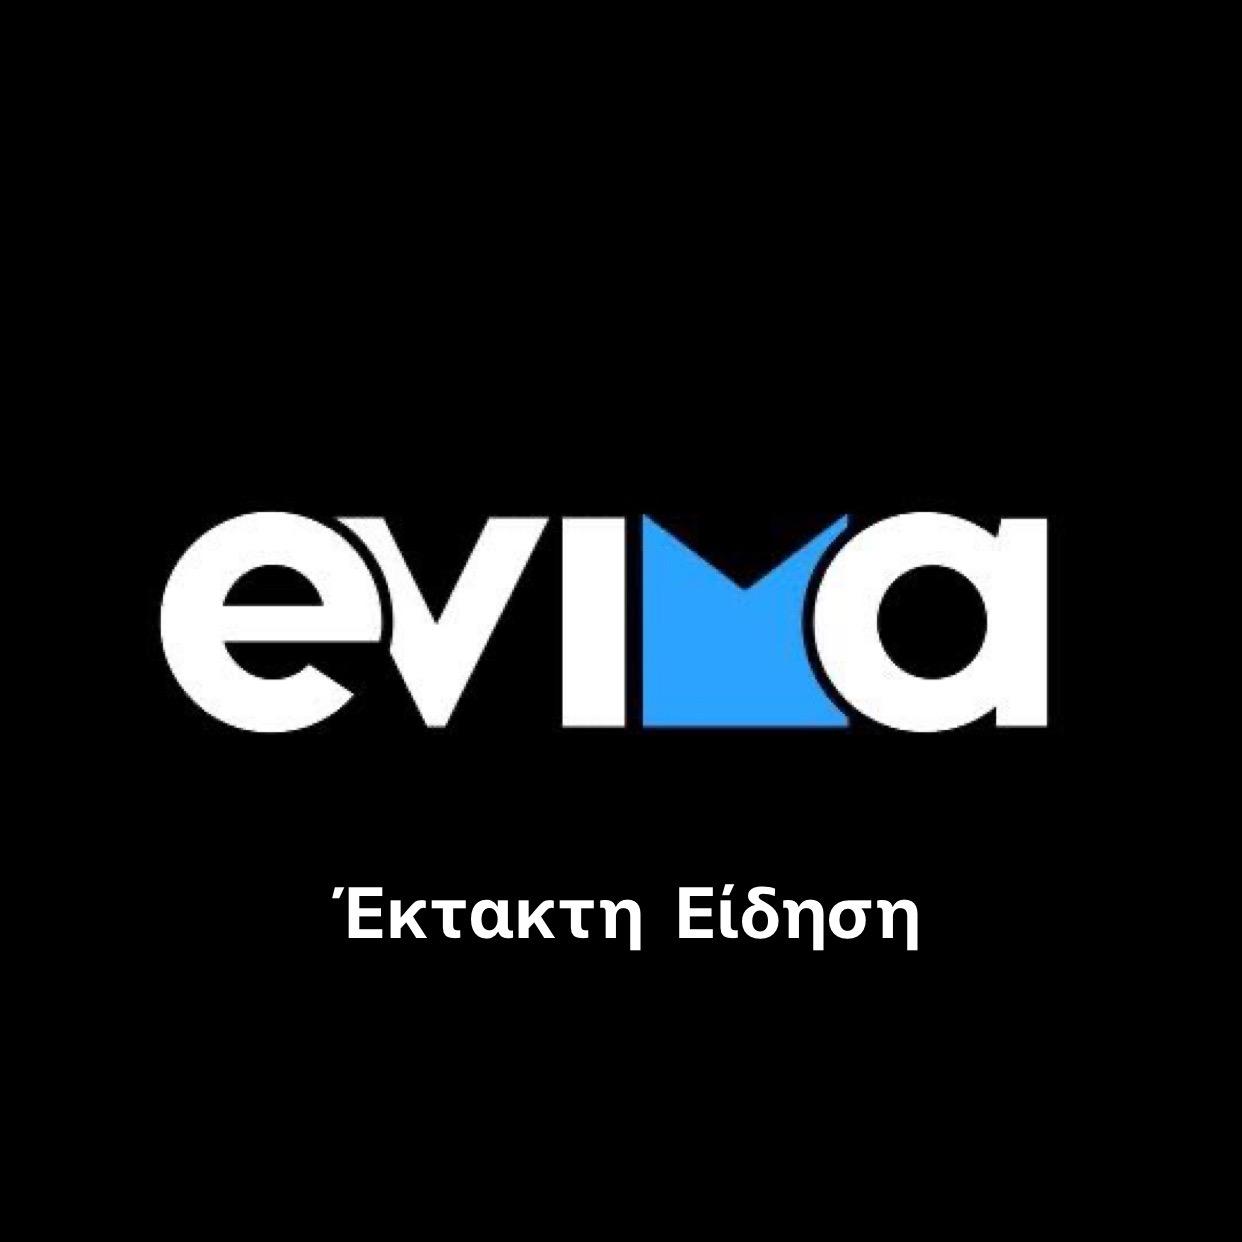 Κοροναϊός: Συναγερμός στην Καβάλα – 24 νέα κρούσματα σε εργοστάσιο